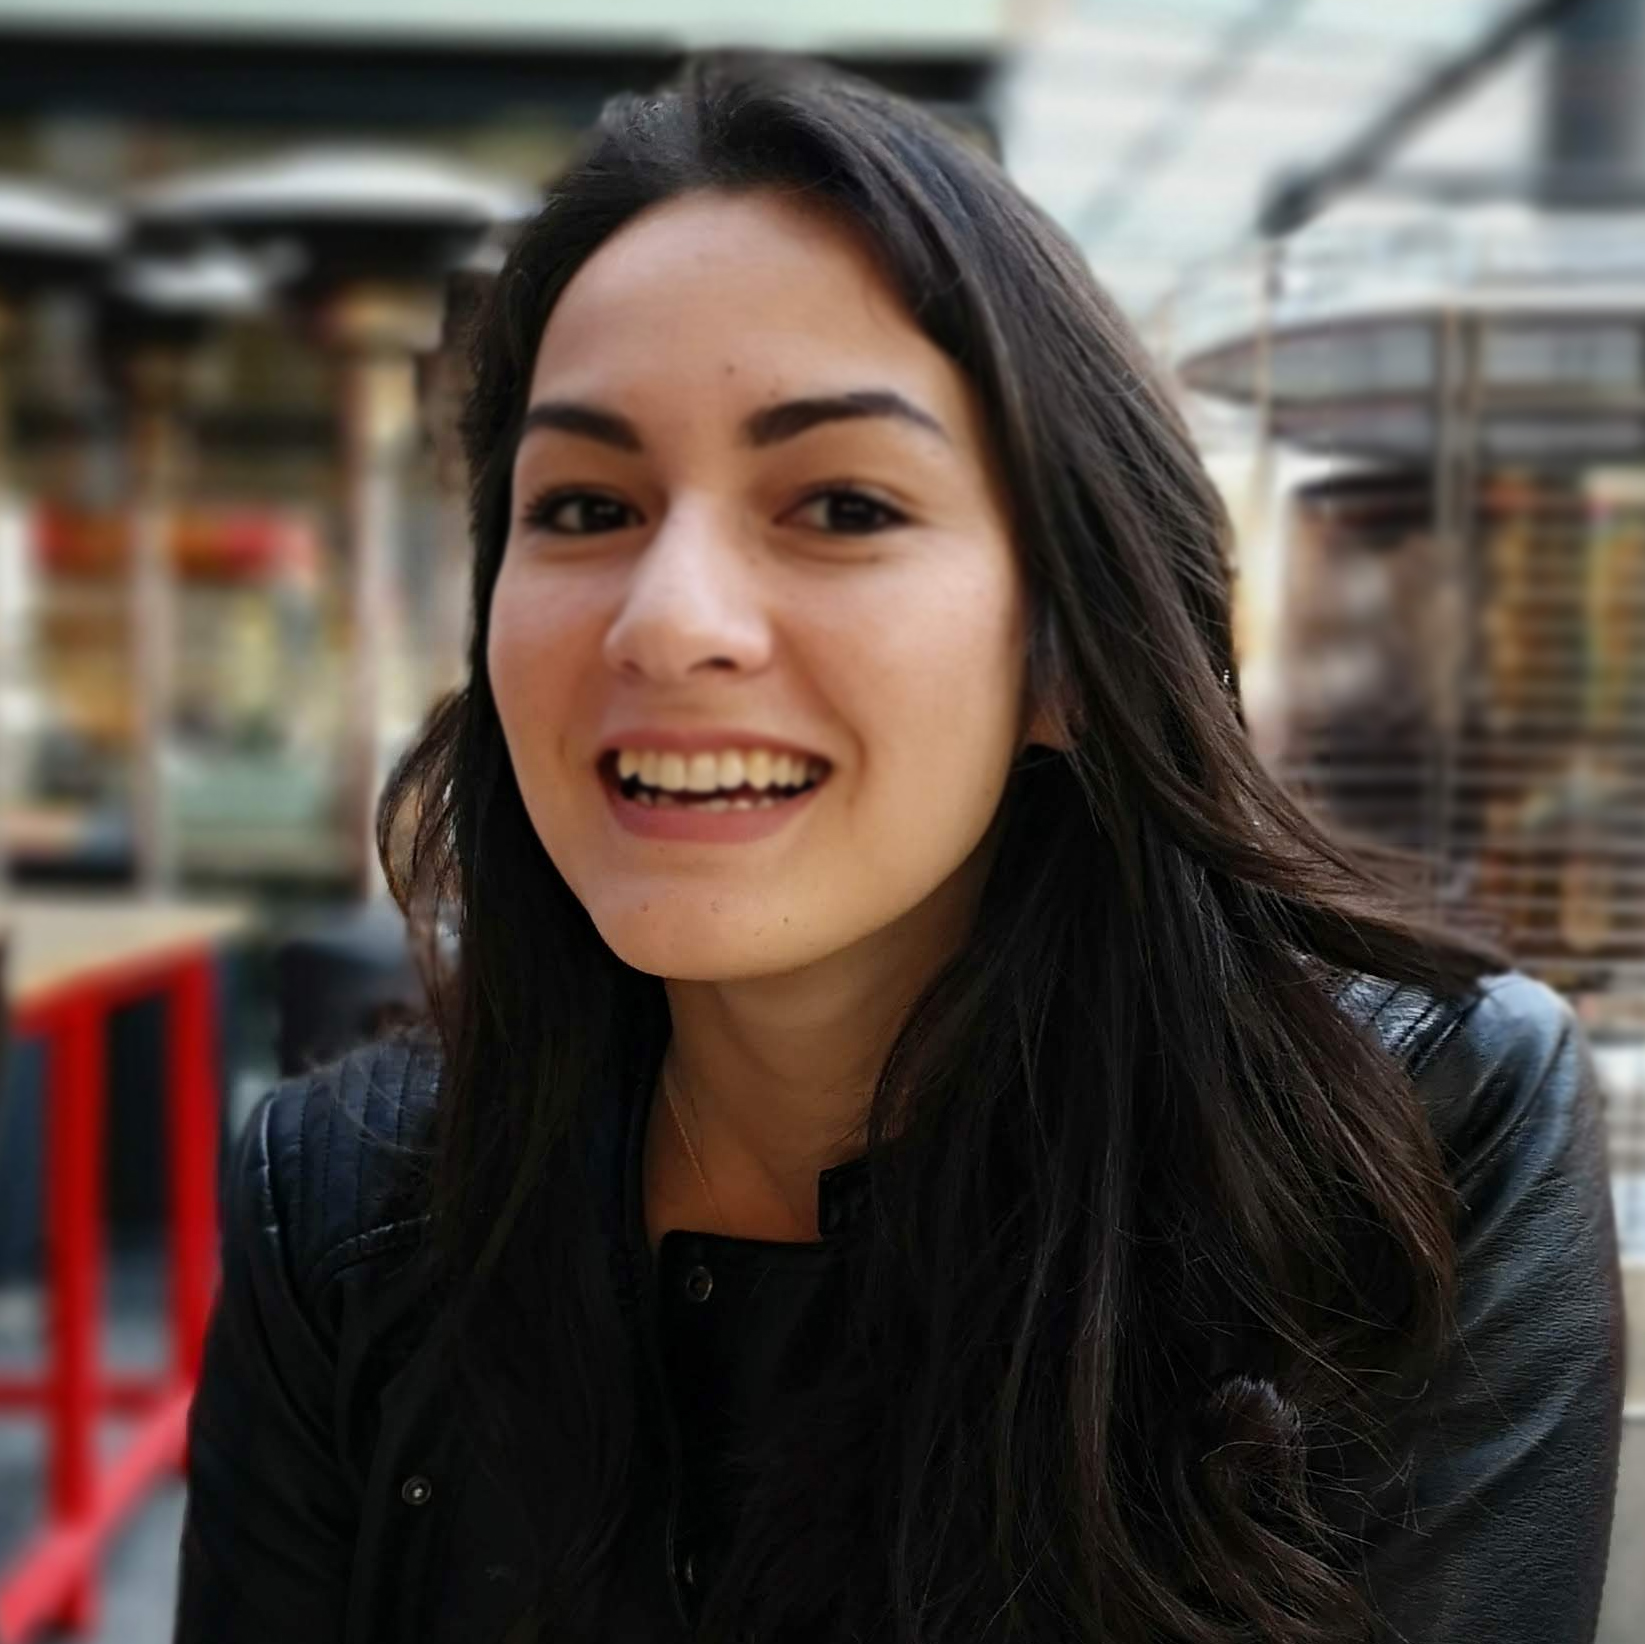 Sharon Gieske